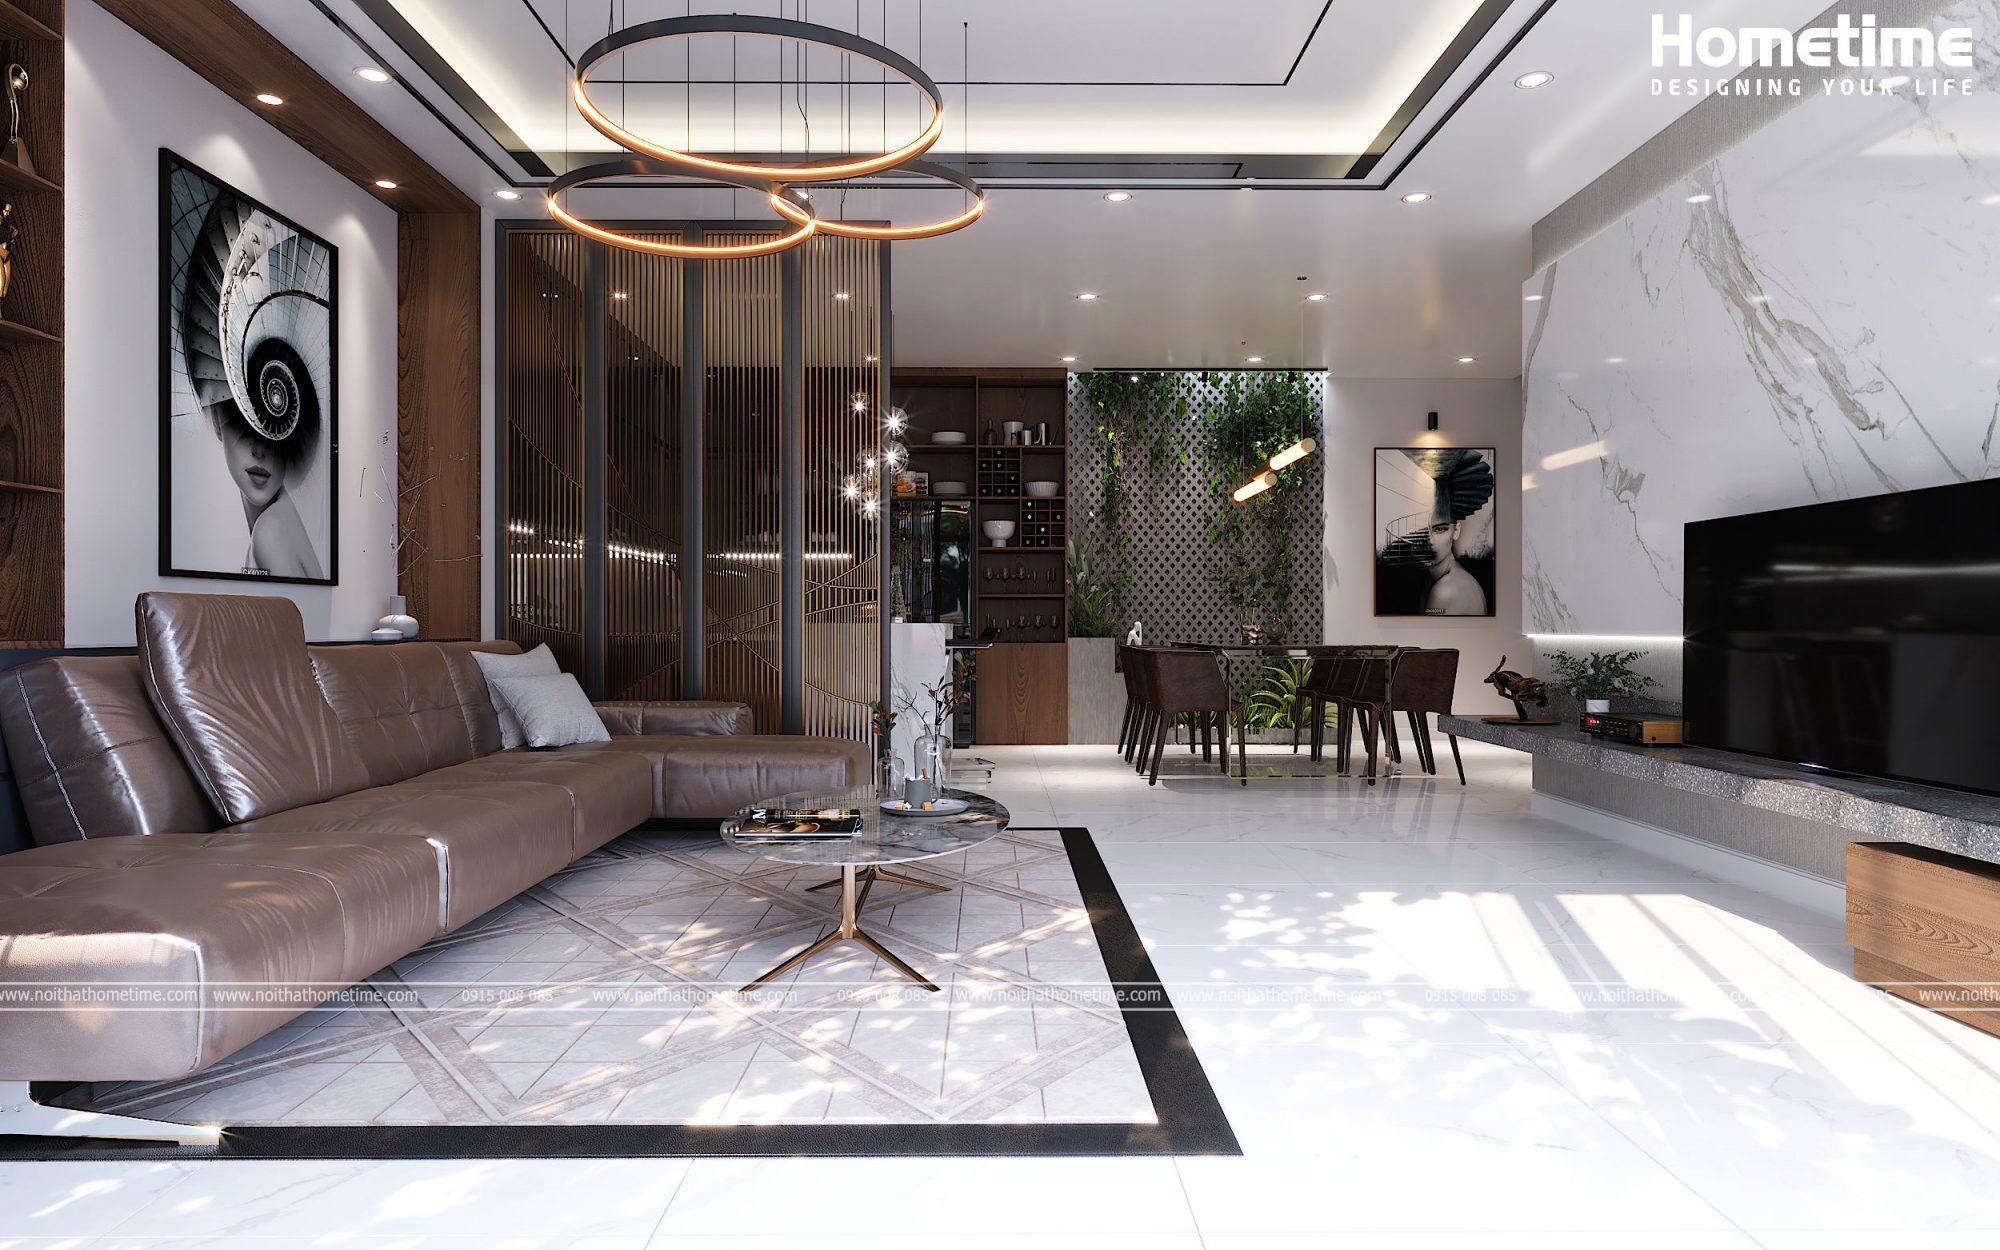 Thiết kế nội thất phòng khách bếp nhà anh Thành Đồ Sơn Hải Phòng